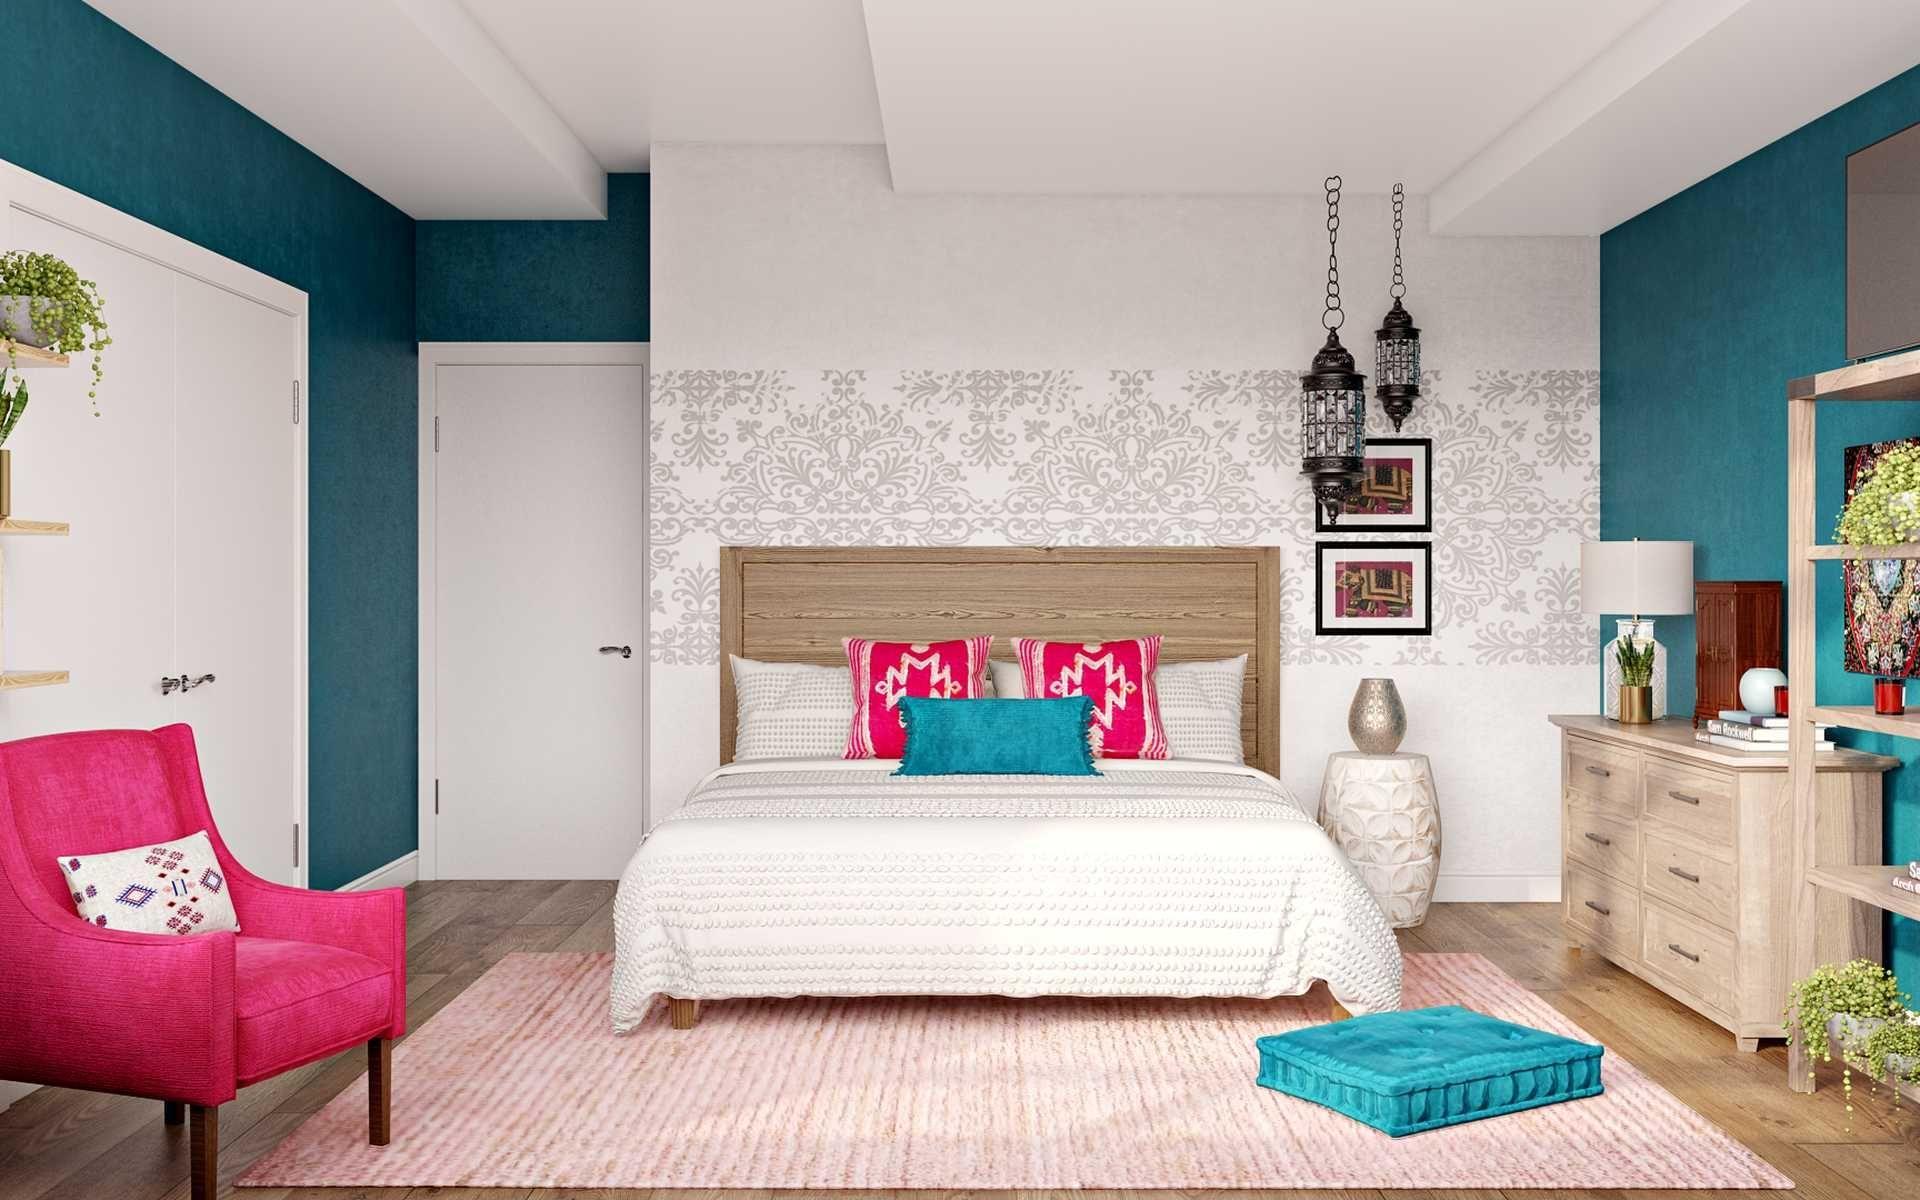 Coastal Bedroom Design By Havenly Interior Designer Natalie In 2021 Interior Design Coastal Room Online Interior Design